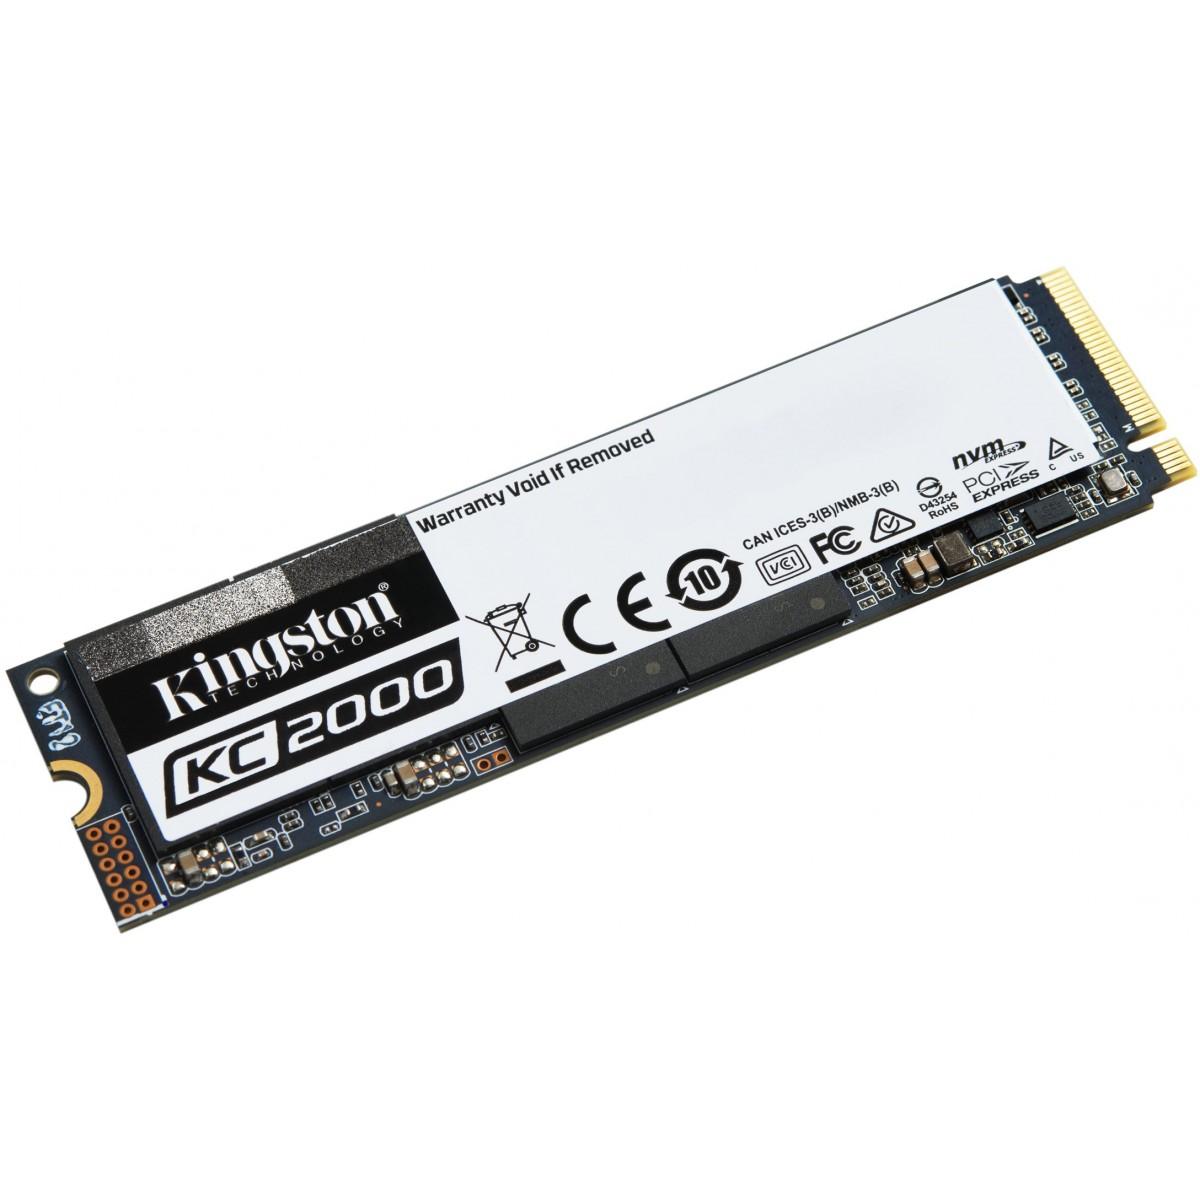 SSD Kingston KC2000, M.2, 250GB, Leitura 3000MBs e Gravação 1100MBs, SKC2000M8/250G